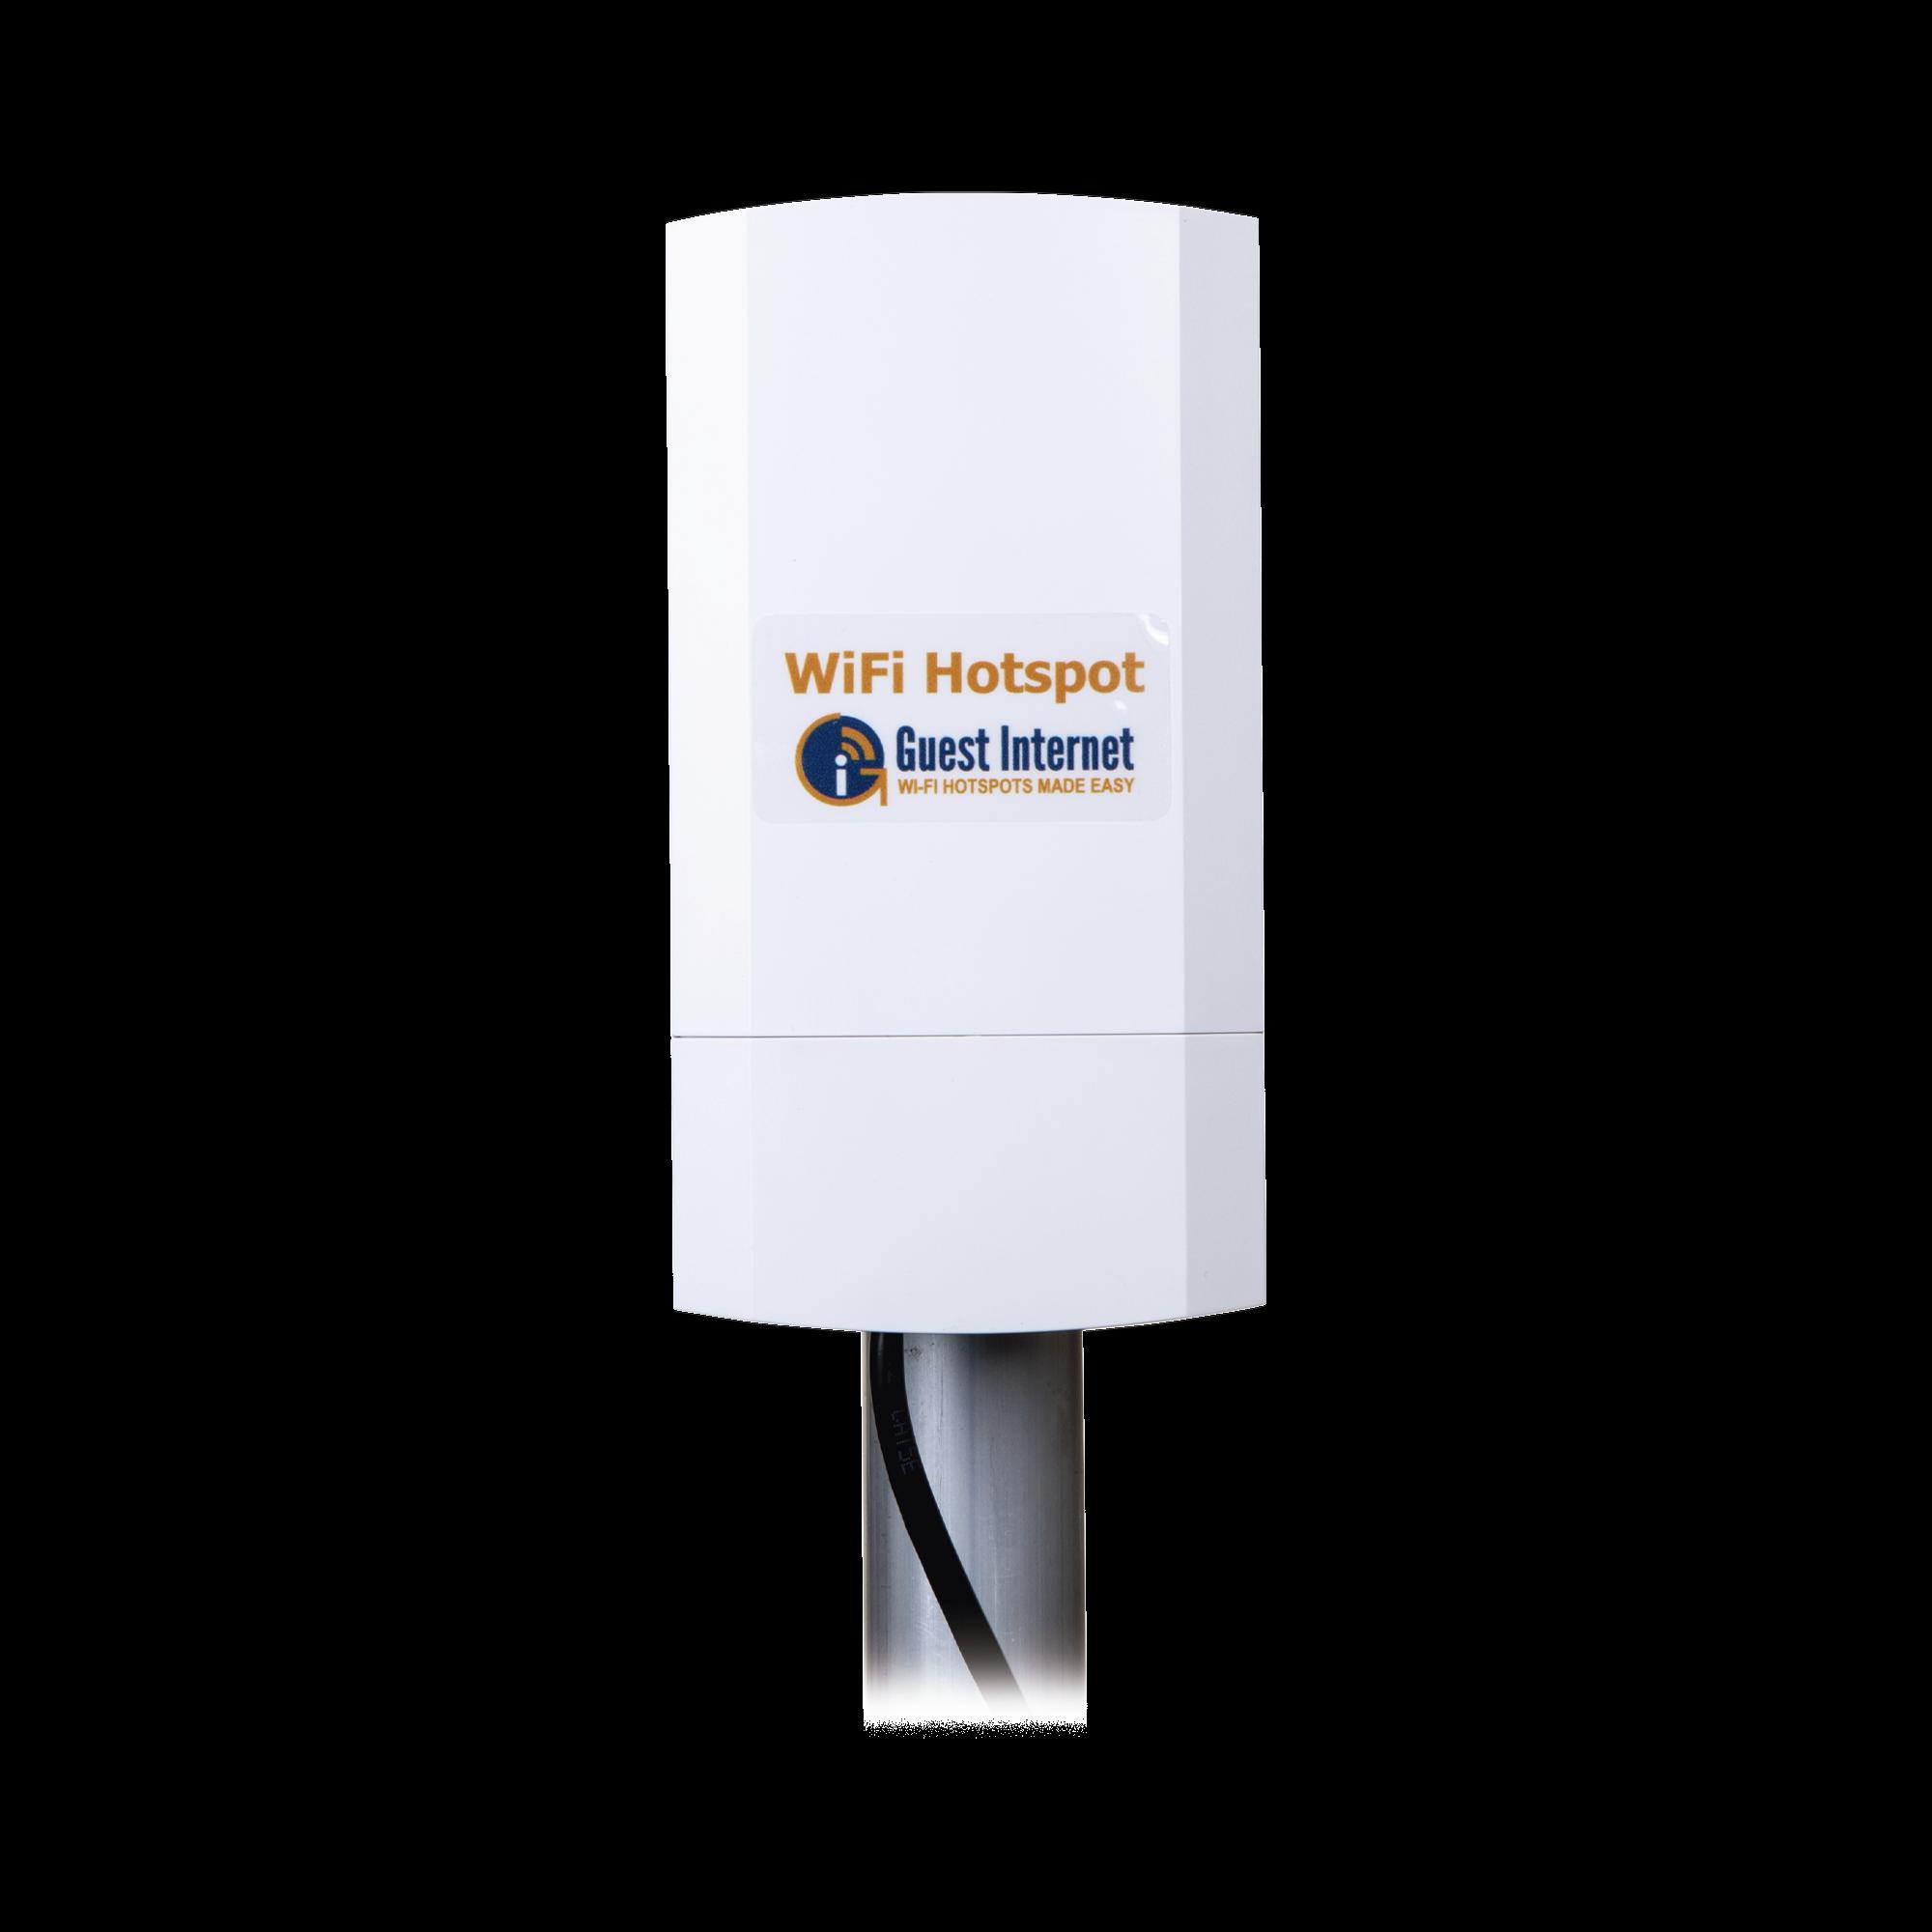 Hotspot inalámbrico 2.4 GHz para exterior, antenas sectorial 8 dBi, Throughput 75 Mbps, ideal para la venta de códigos de acceso a Internet